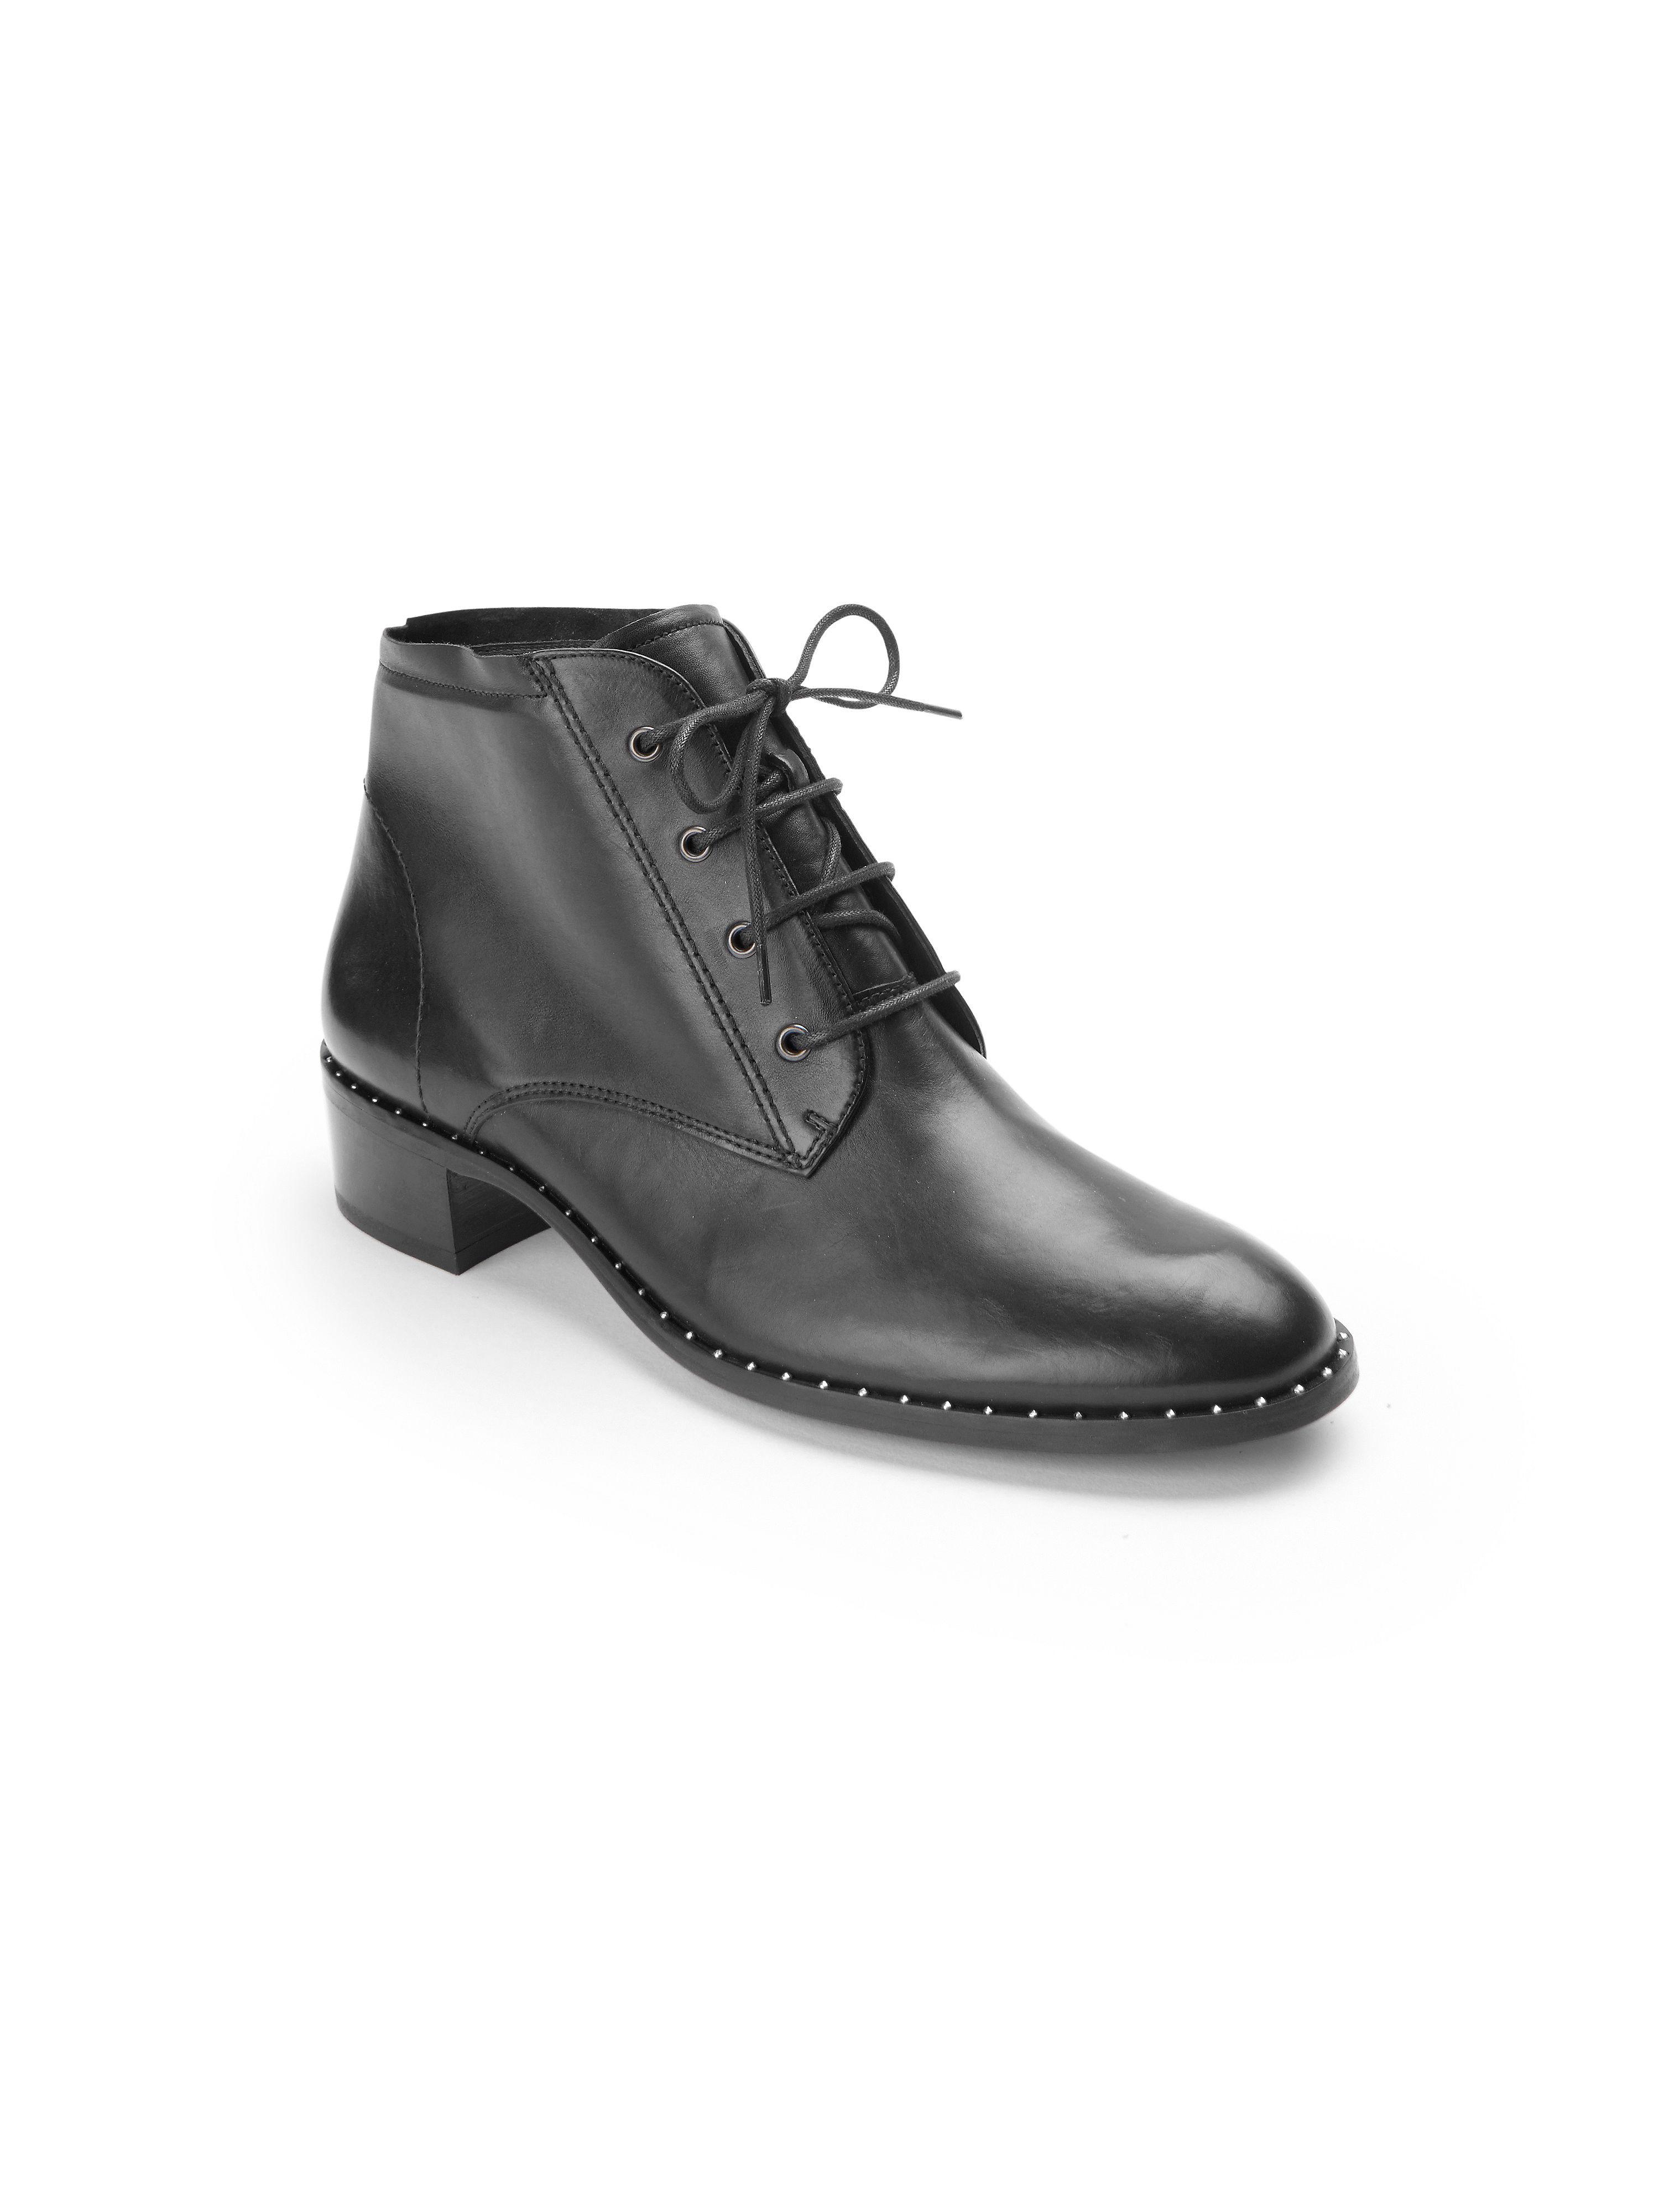 Paul Green - Qualität Stiefelette - Schwarz Gute Qualität - beliebte Schuhe 09e529